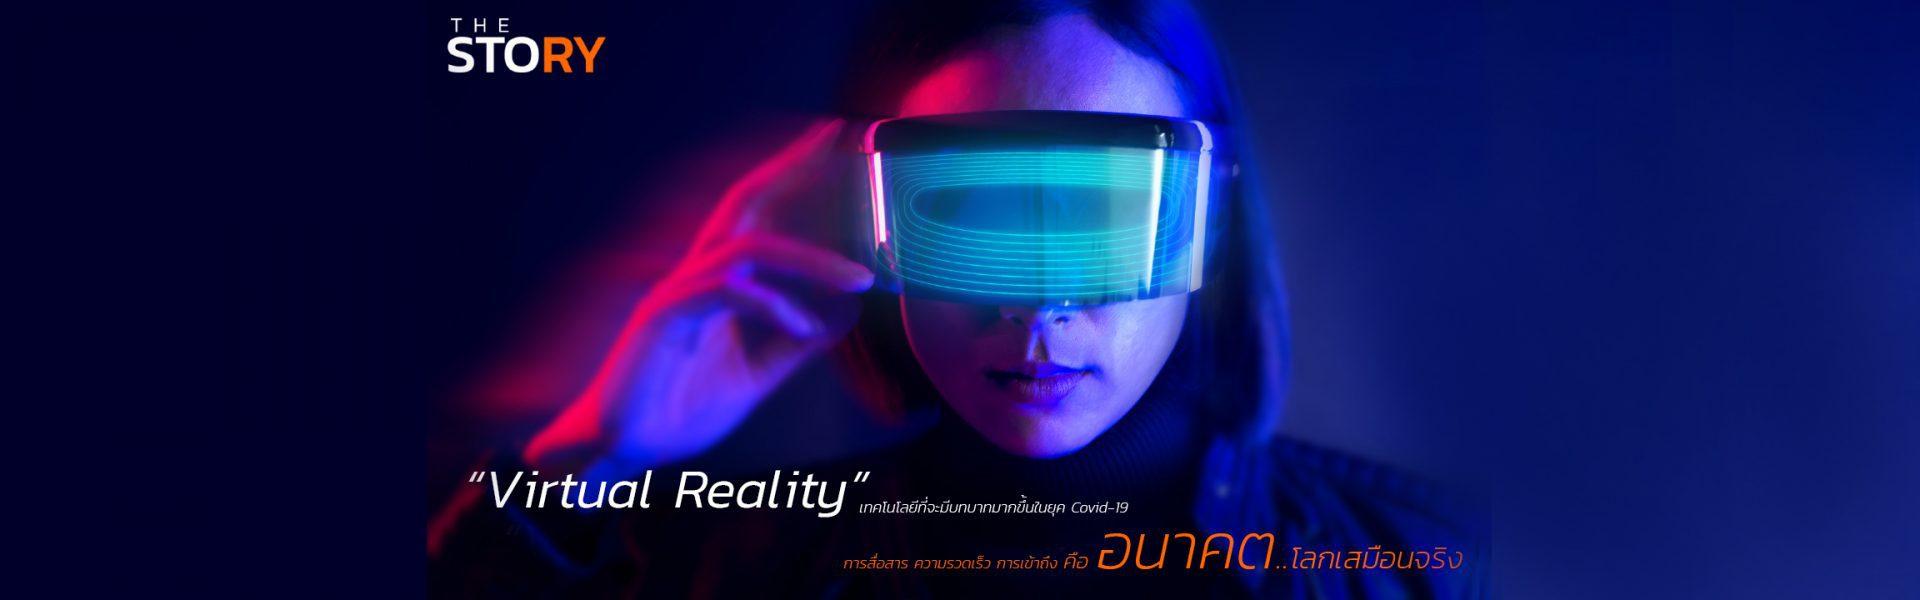 Virtual Reality อนาคต..โลกเสมือนจริง l THE STORY เทคโนโลยีที่จะมีบทบาทมากขึ้นในยุค Covid-19 และอนาคต